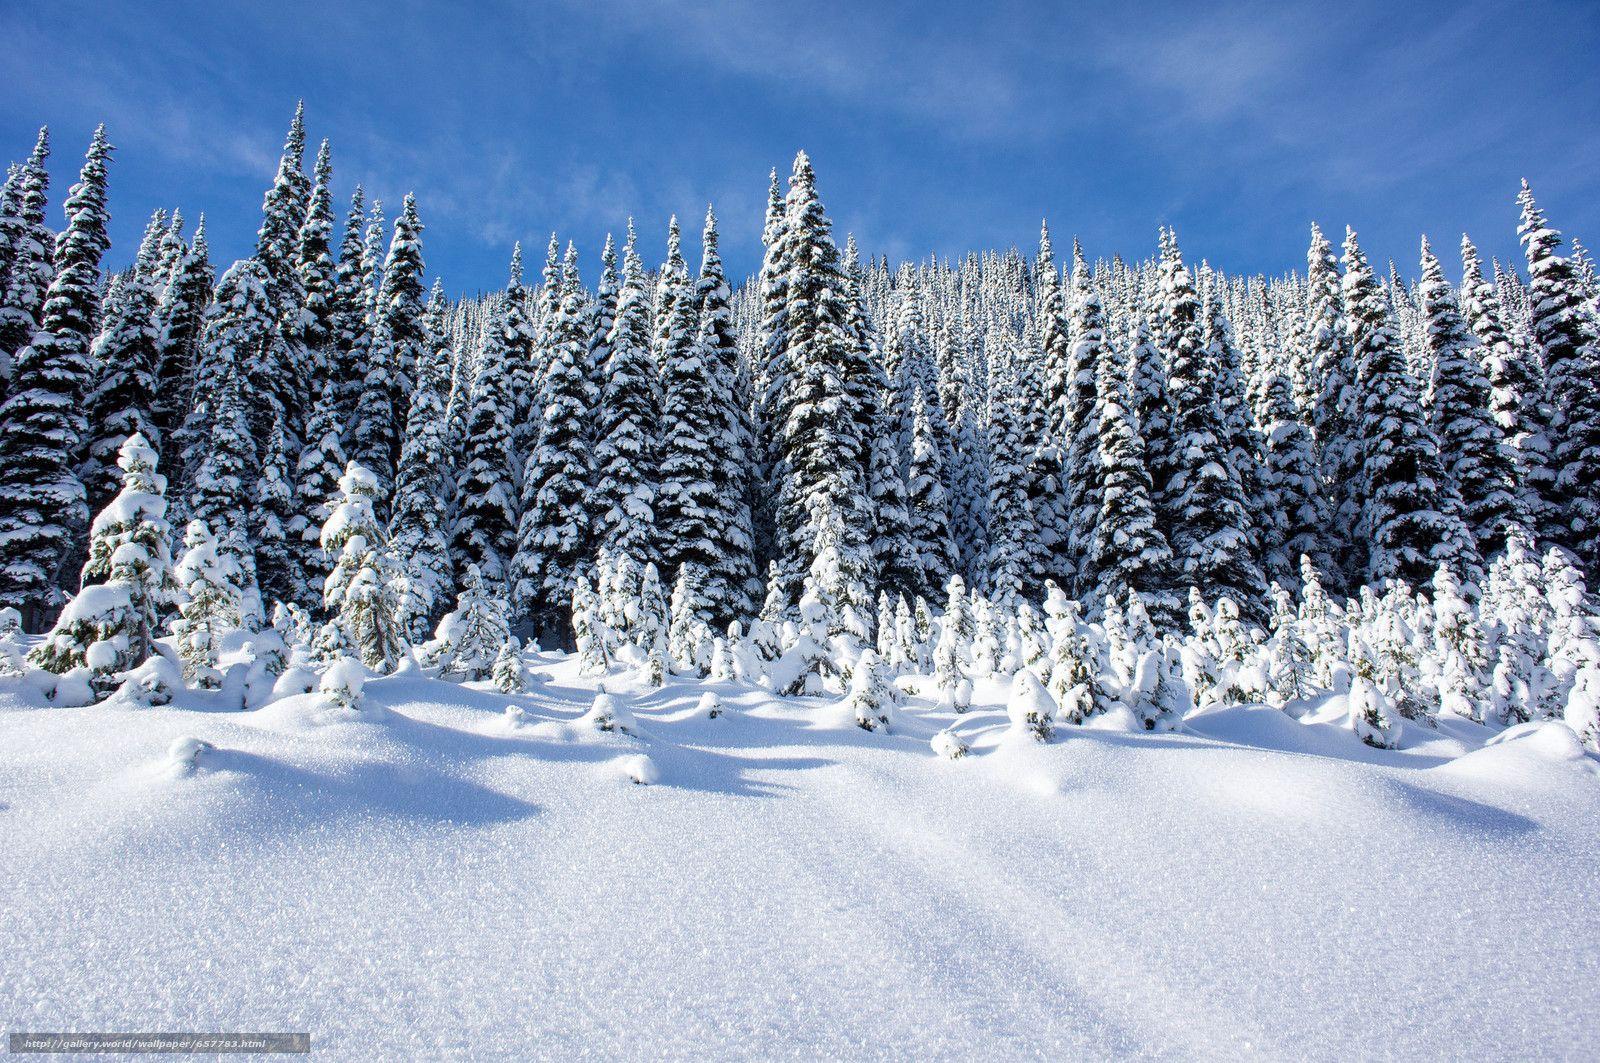 Scaricare gli sfondi inverno nevicata derive alberi for Immagini desktop inverno